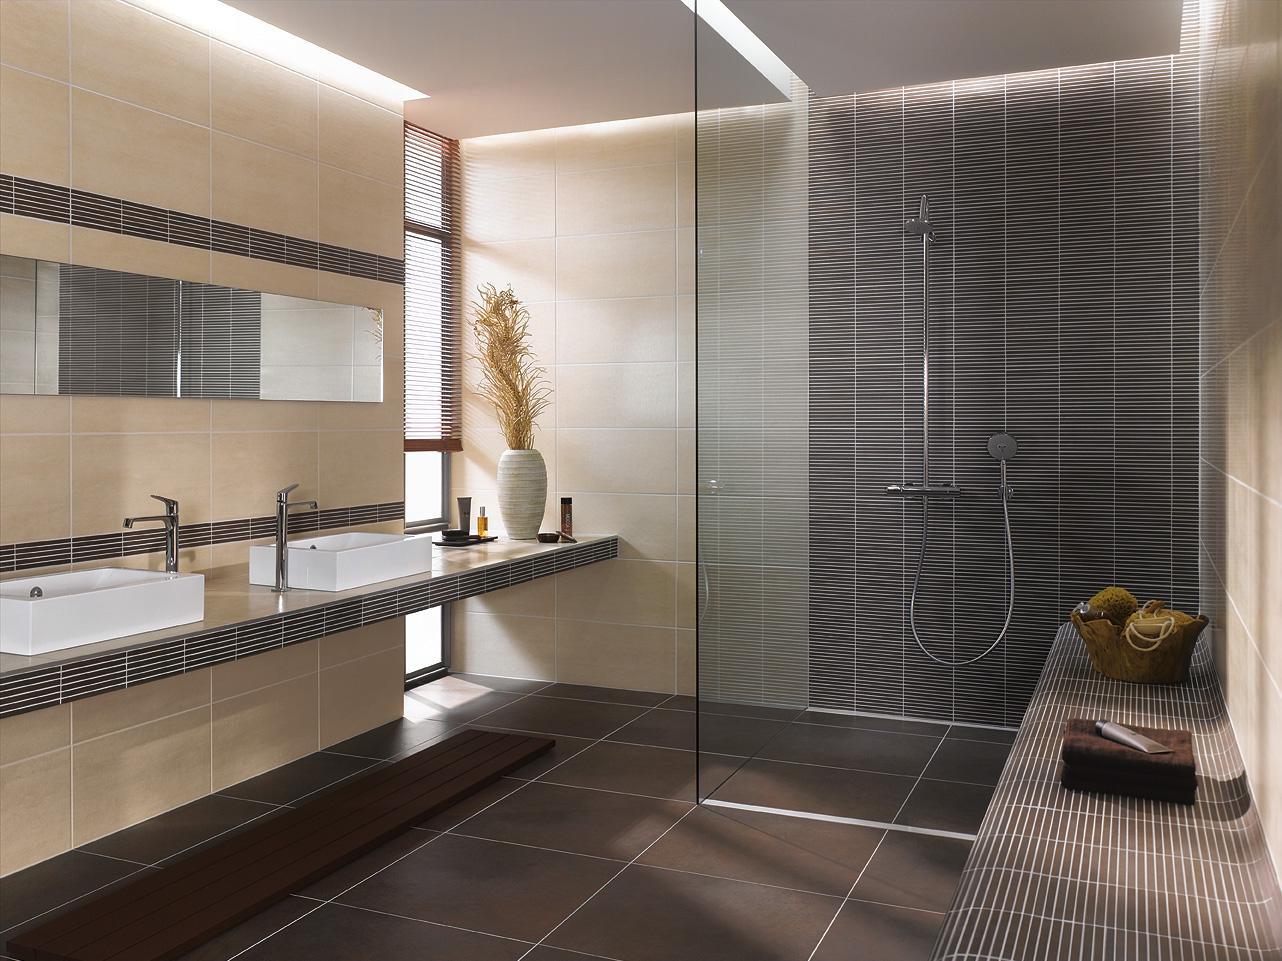 b der fliesen winter. Black Bedroom Furniture Sets. Home Design Ideas